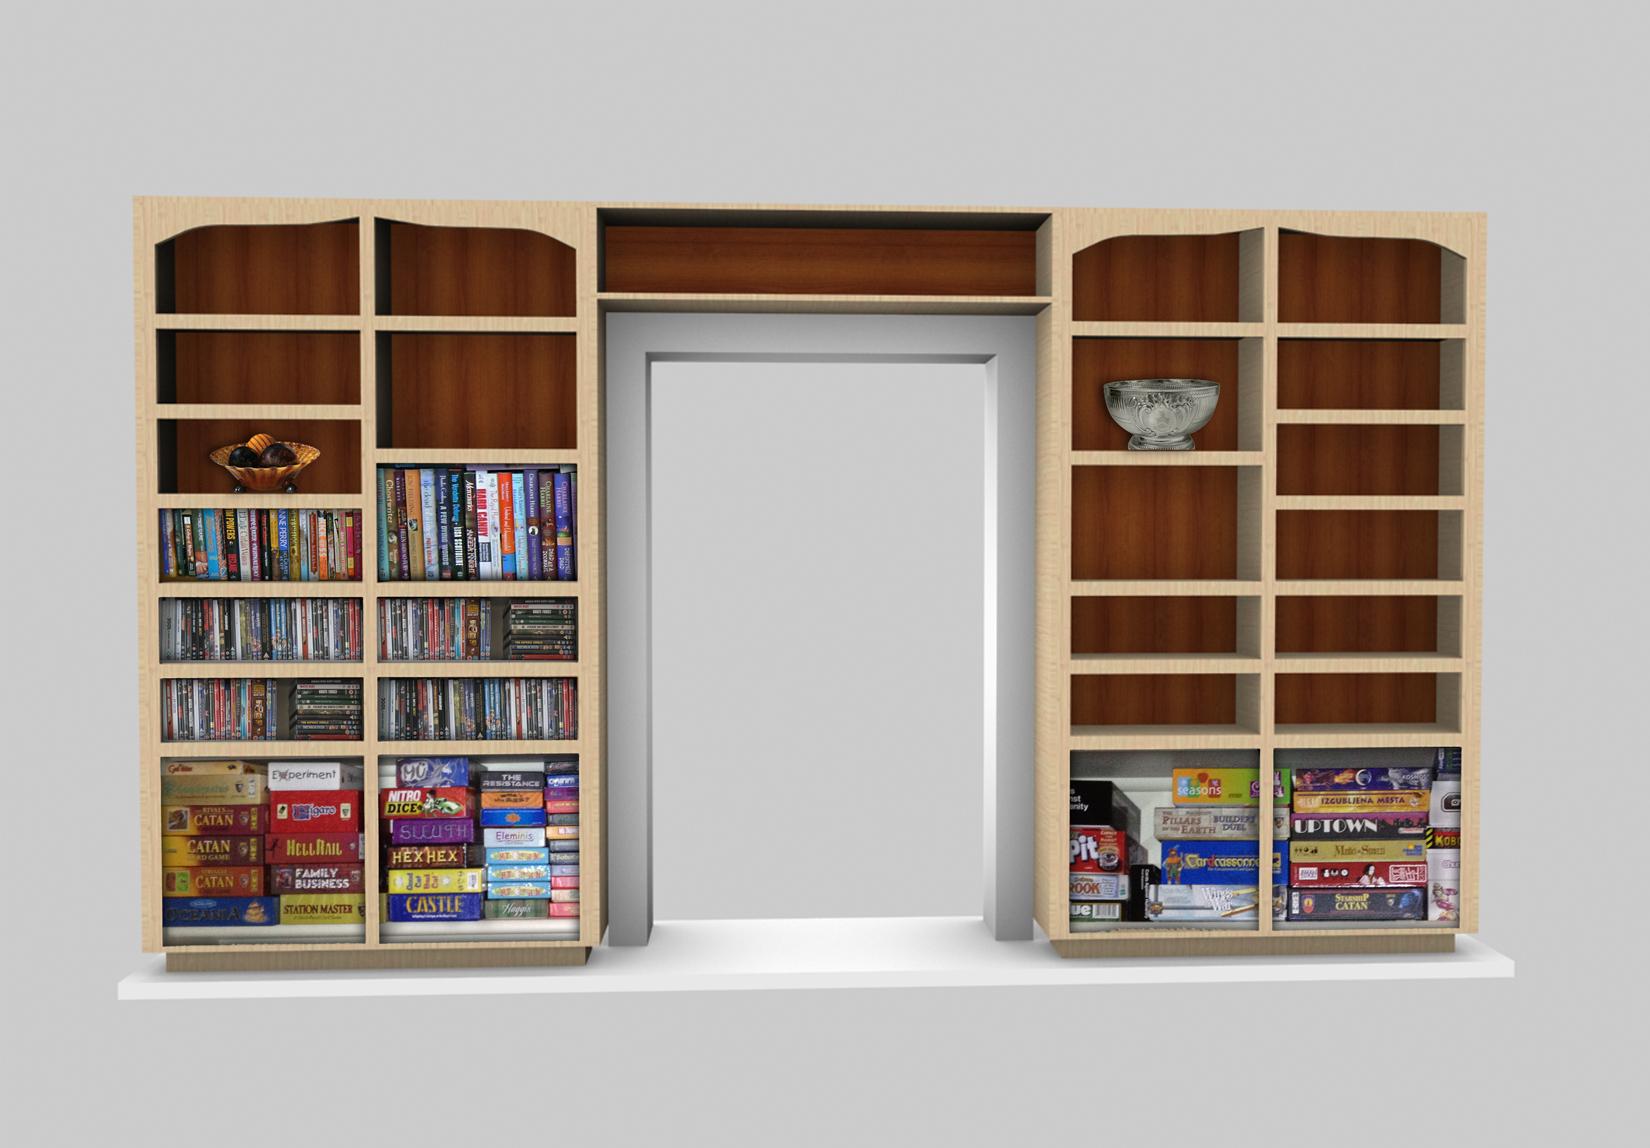 Cabinet Design Software Sketchlist 3d Rendering Very Realistic Sketchlist3d